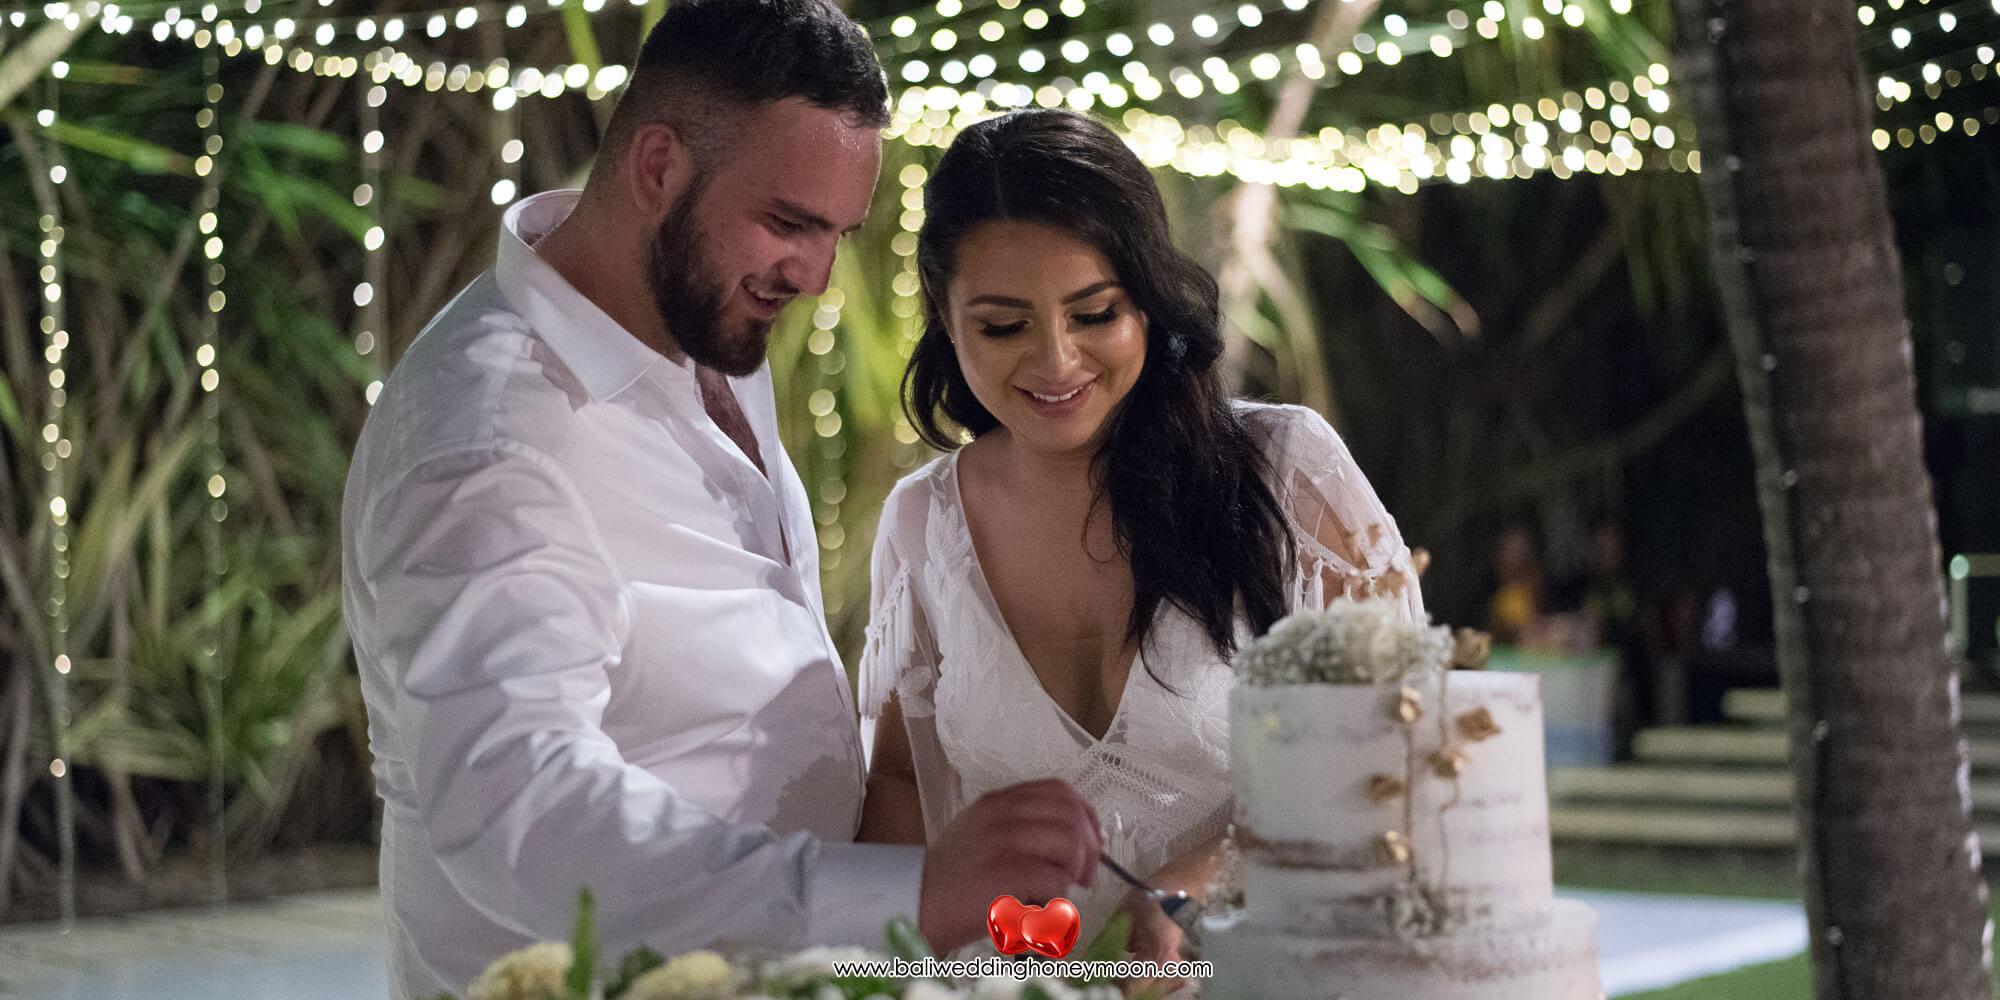 weddingvenuebali-villawedding-baliweddinghoneymoon-baliweddingorganizer-baliweddingplanner-baliweddingpackage-pushpapuri4